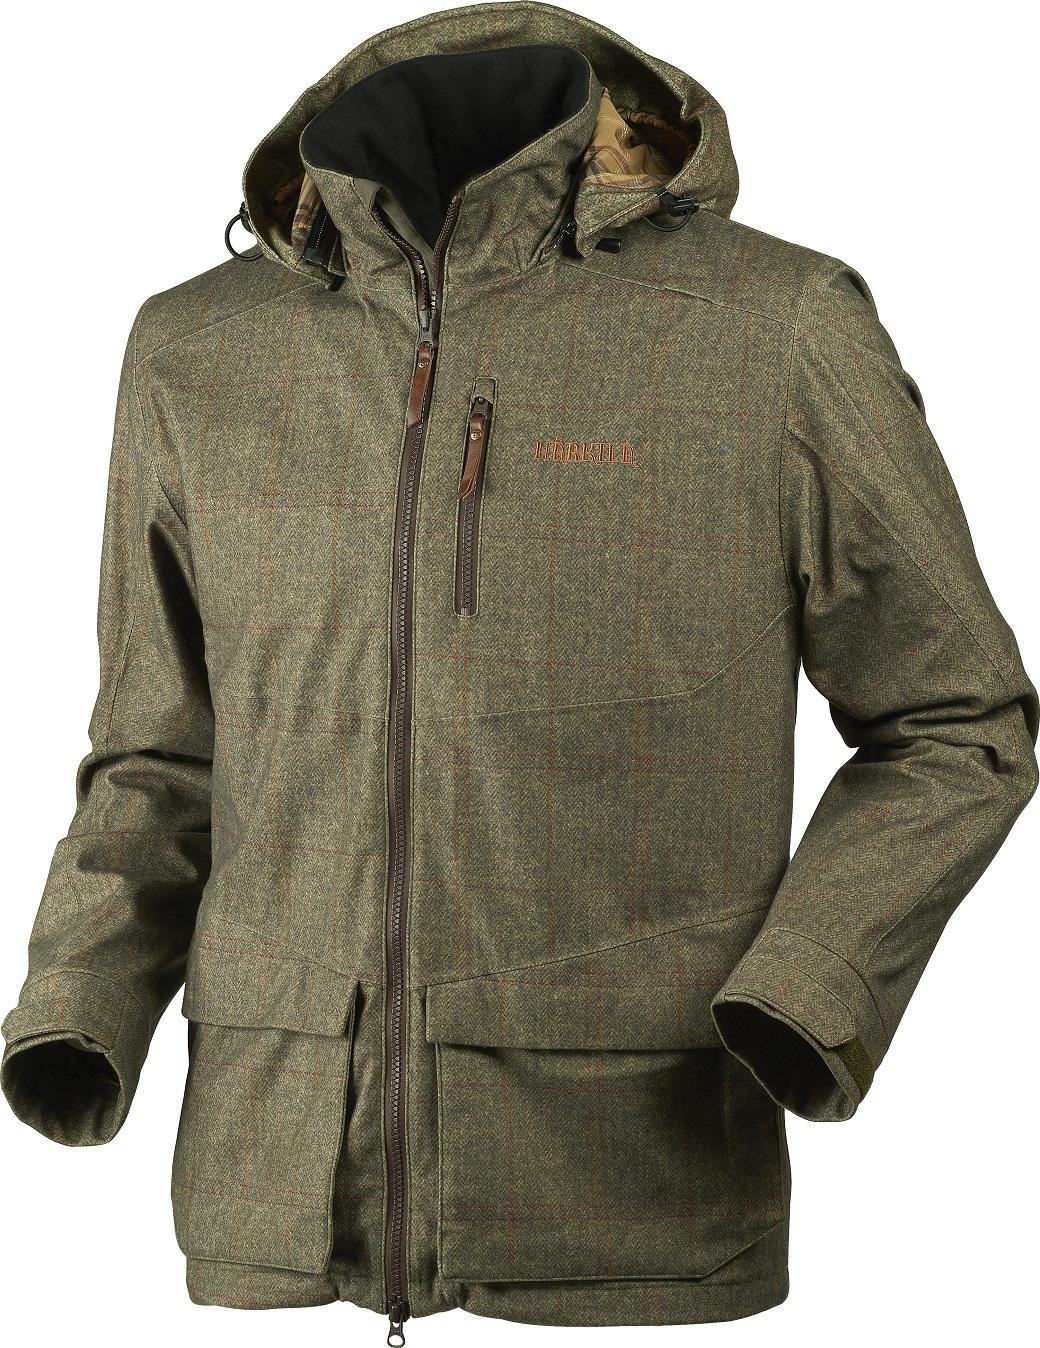 Härkila Stornoway Active jacket Cottage Green-1